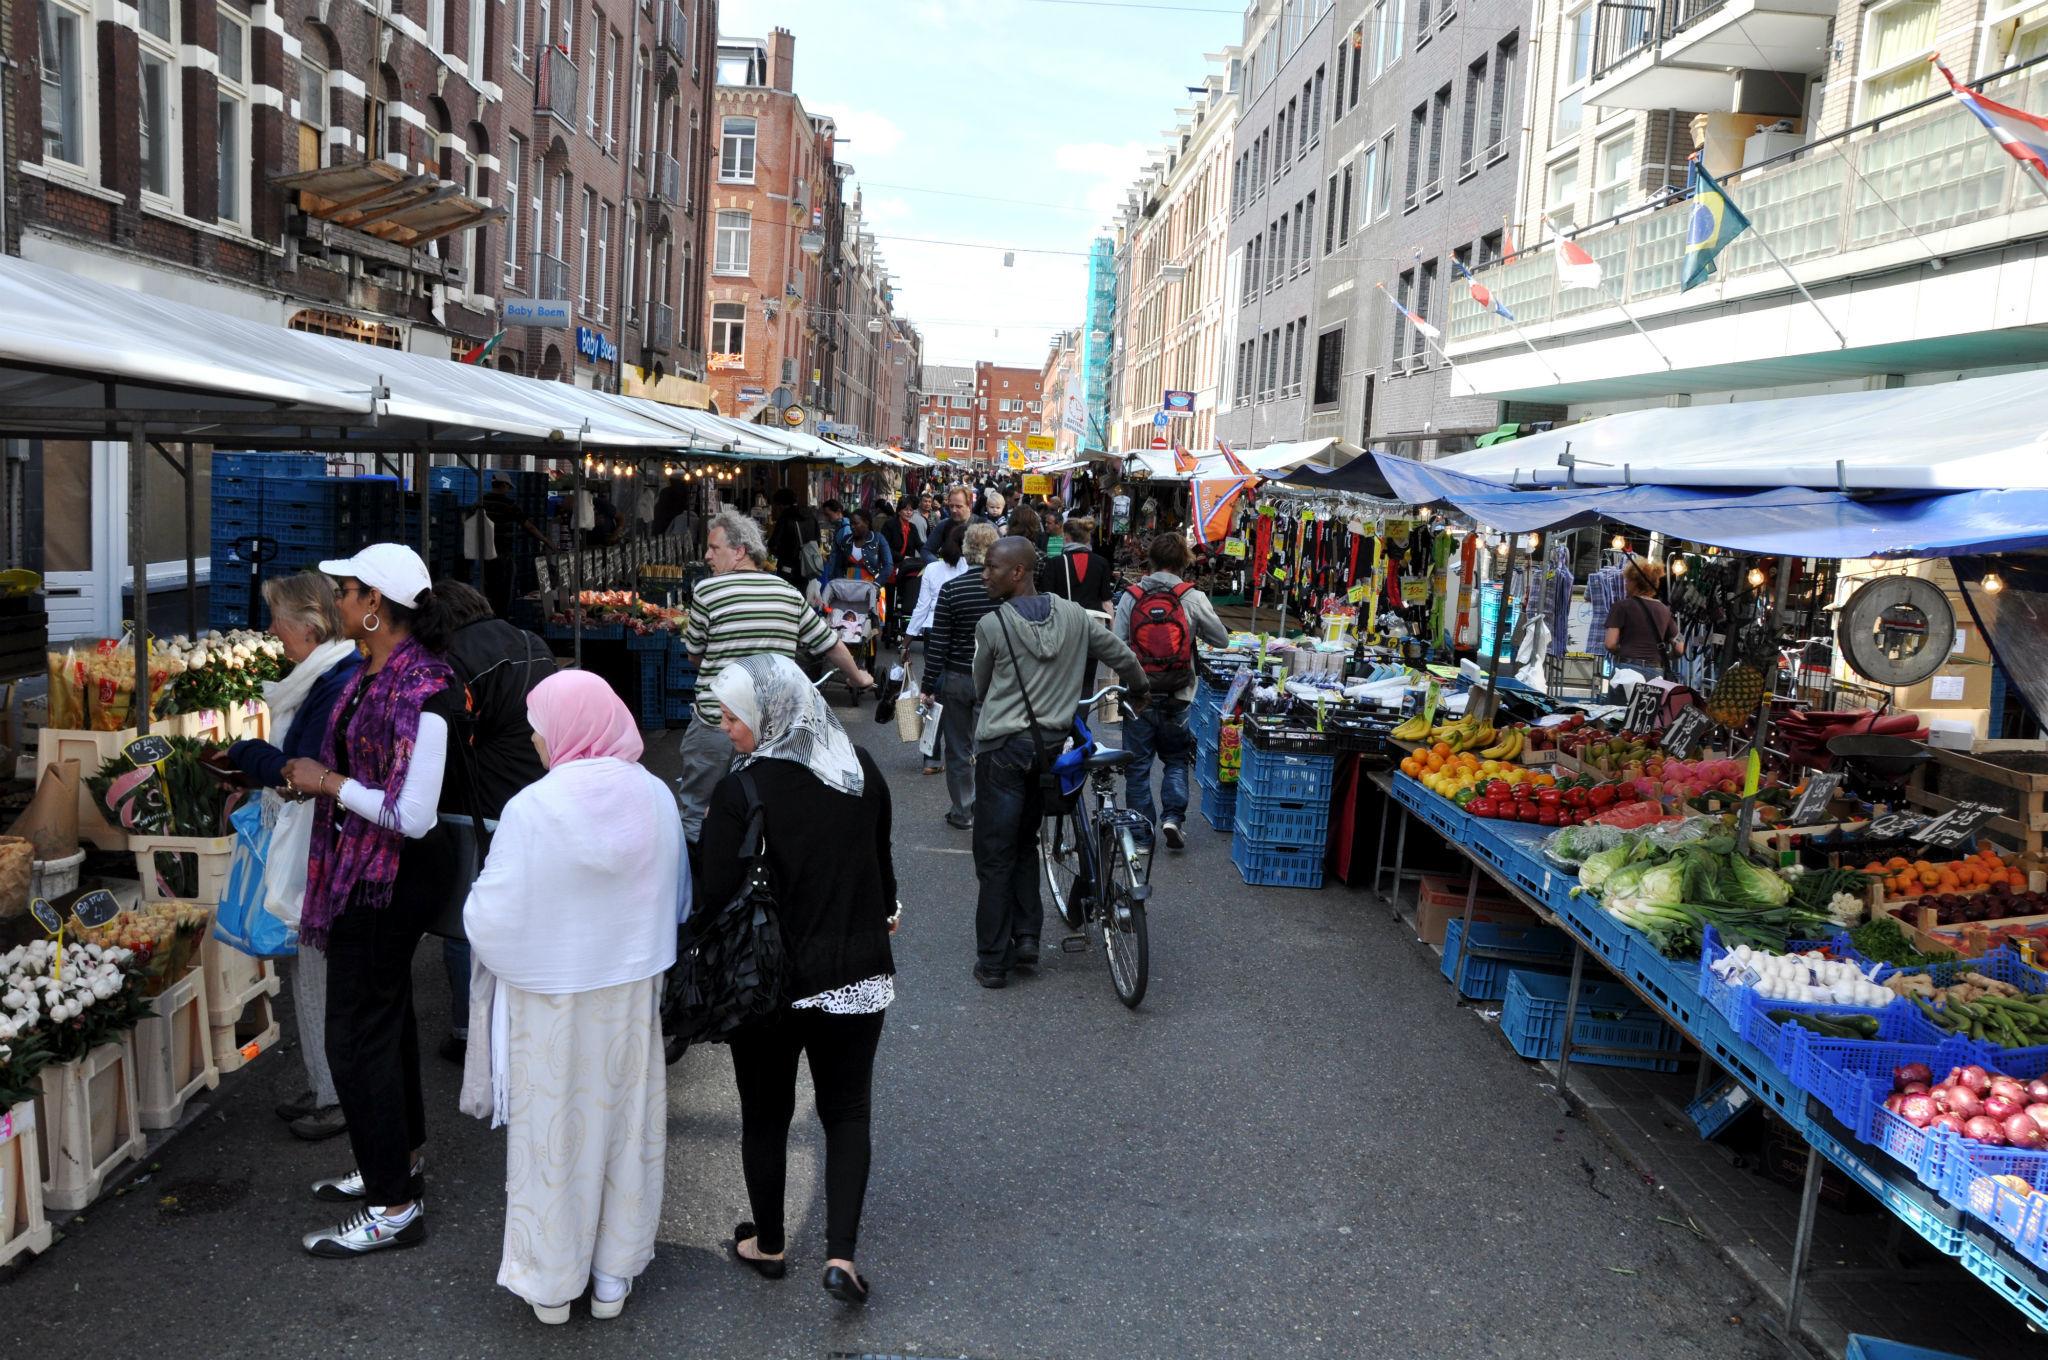 Ten Katemarkt